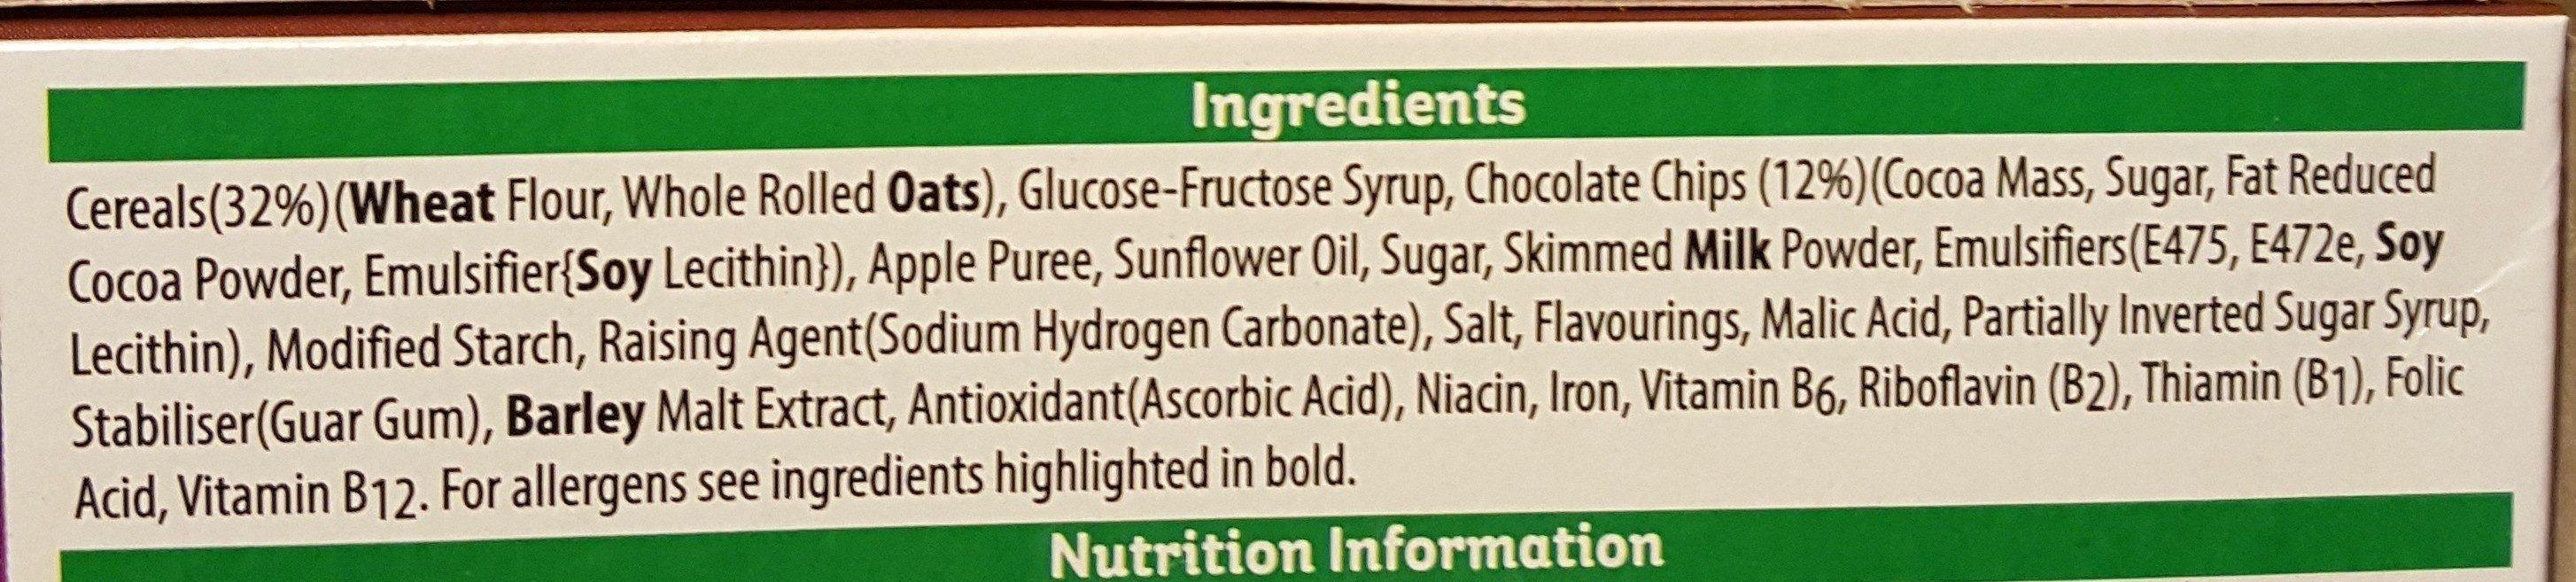 Nutri-Grain Choc Chip Breakfast Bakes 6 x - Ingrédients - en